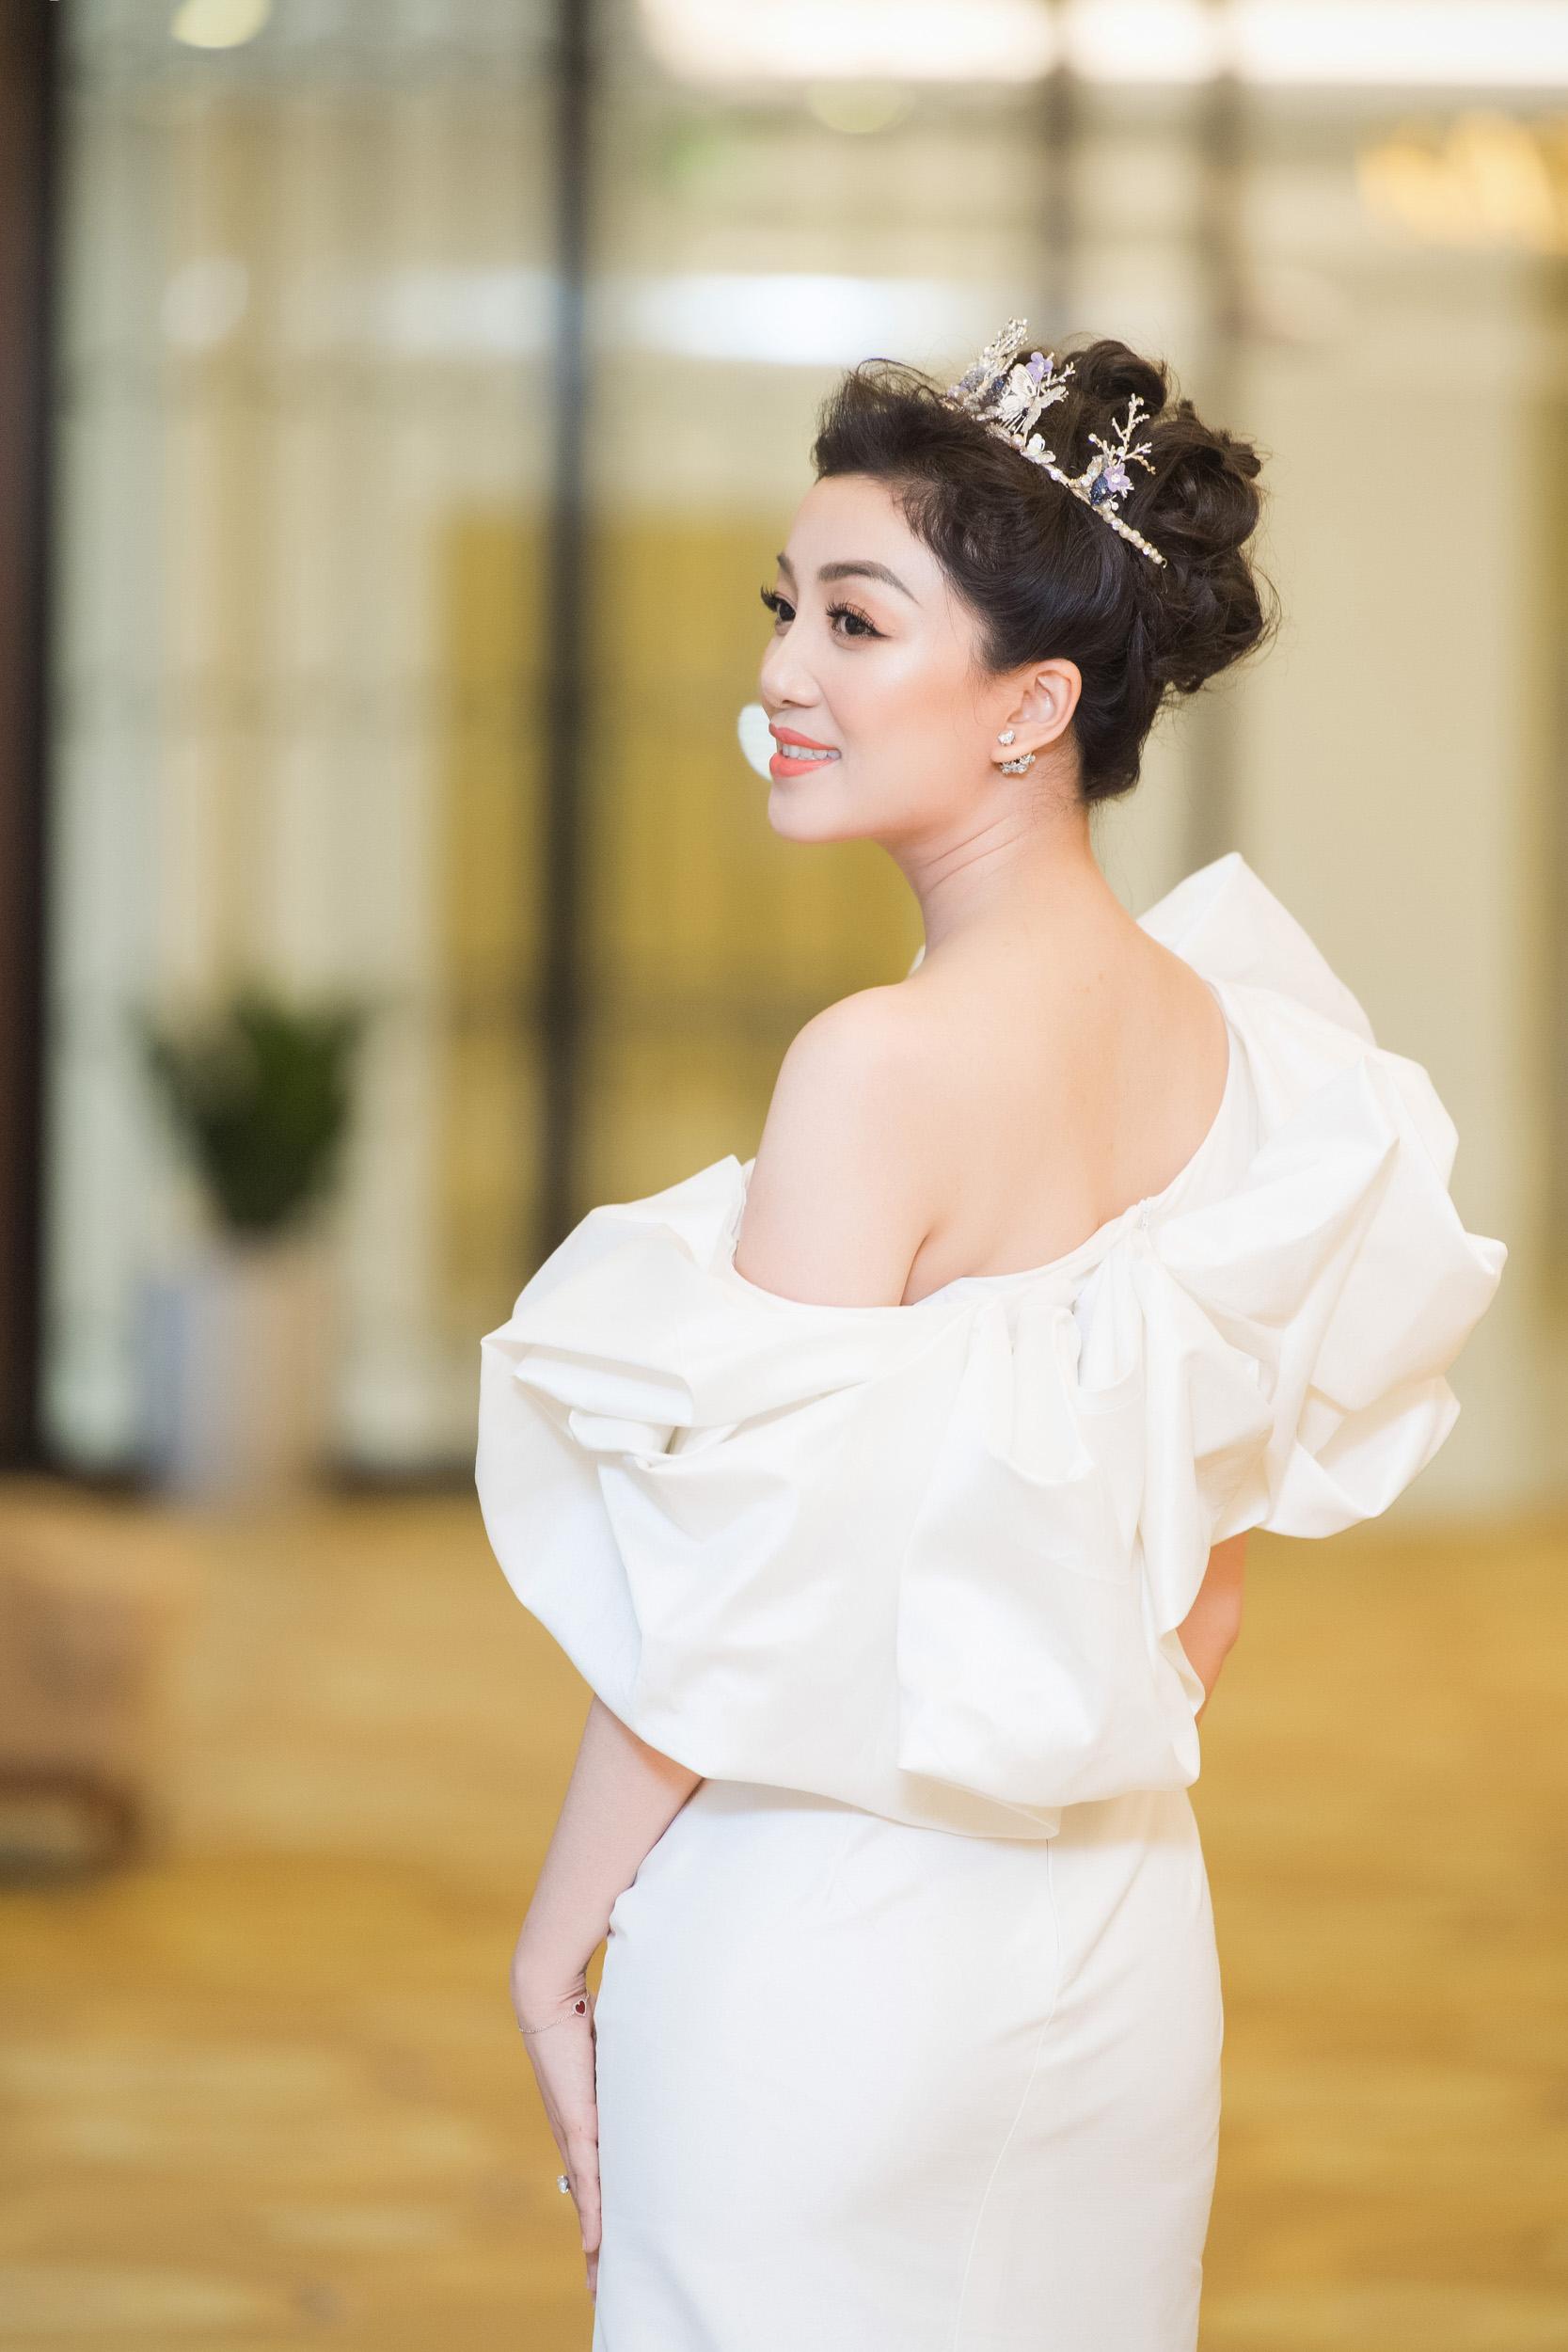 Hình ảnh Hoa mi bán cổ điển Phạm Thu Hà quyến rũ với đầm trắng số 5